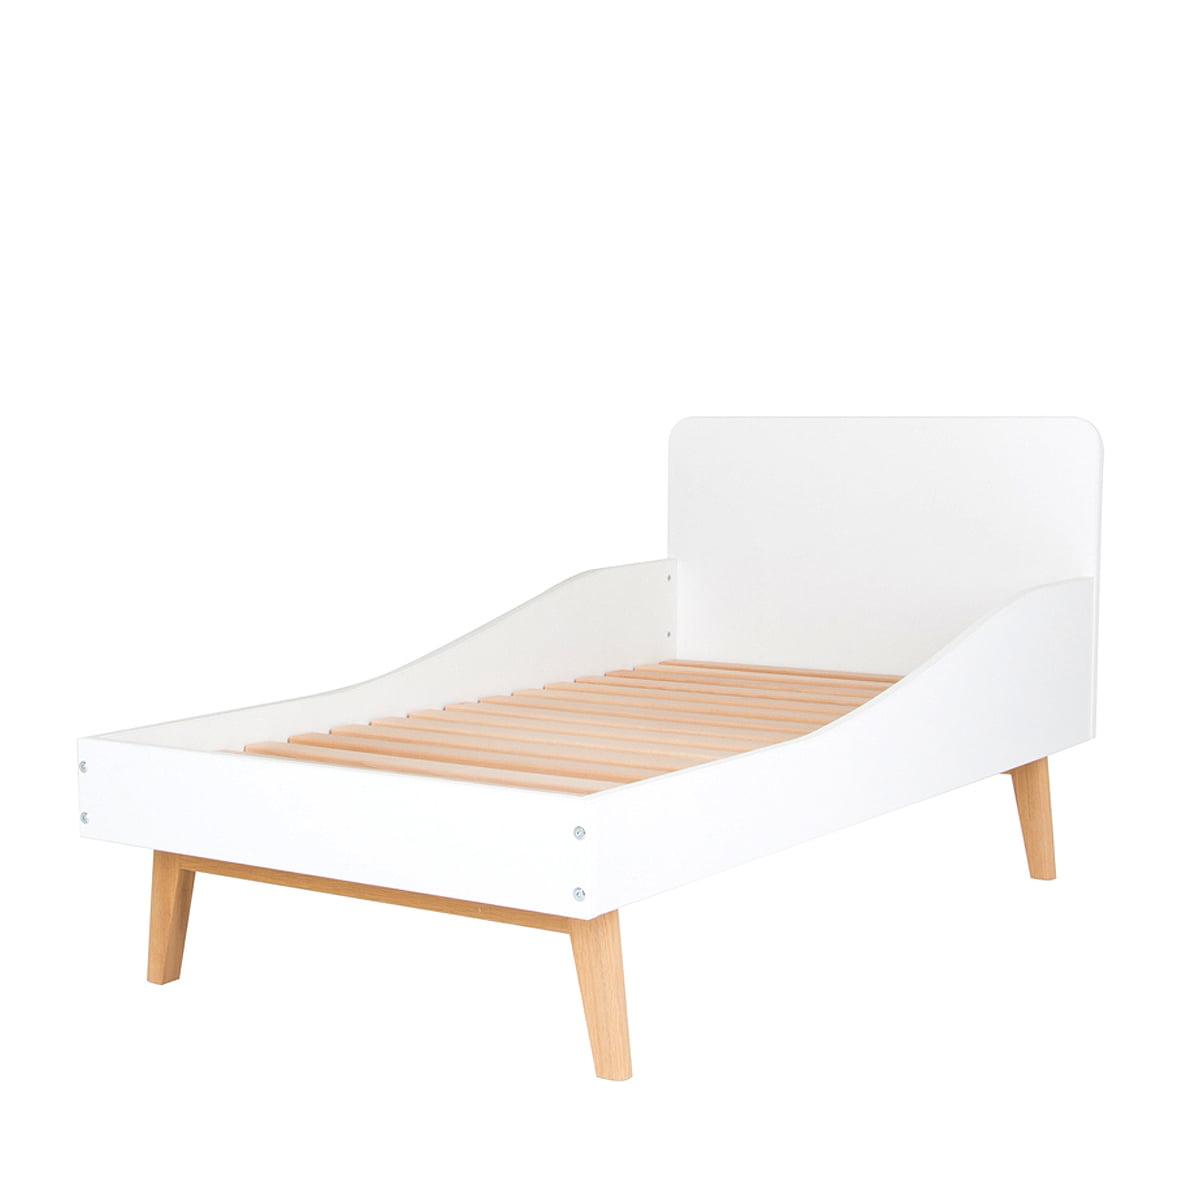 De Breuyn - debe.deline Kinderbett | Kinderzimmer > Kinderbetten | Weiß | 18 mm starke melaminplatte mit weißen kanten -  füße: eiche massiv geölt | De Breuyn